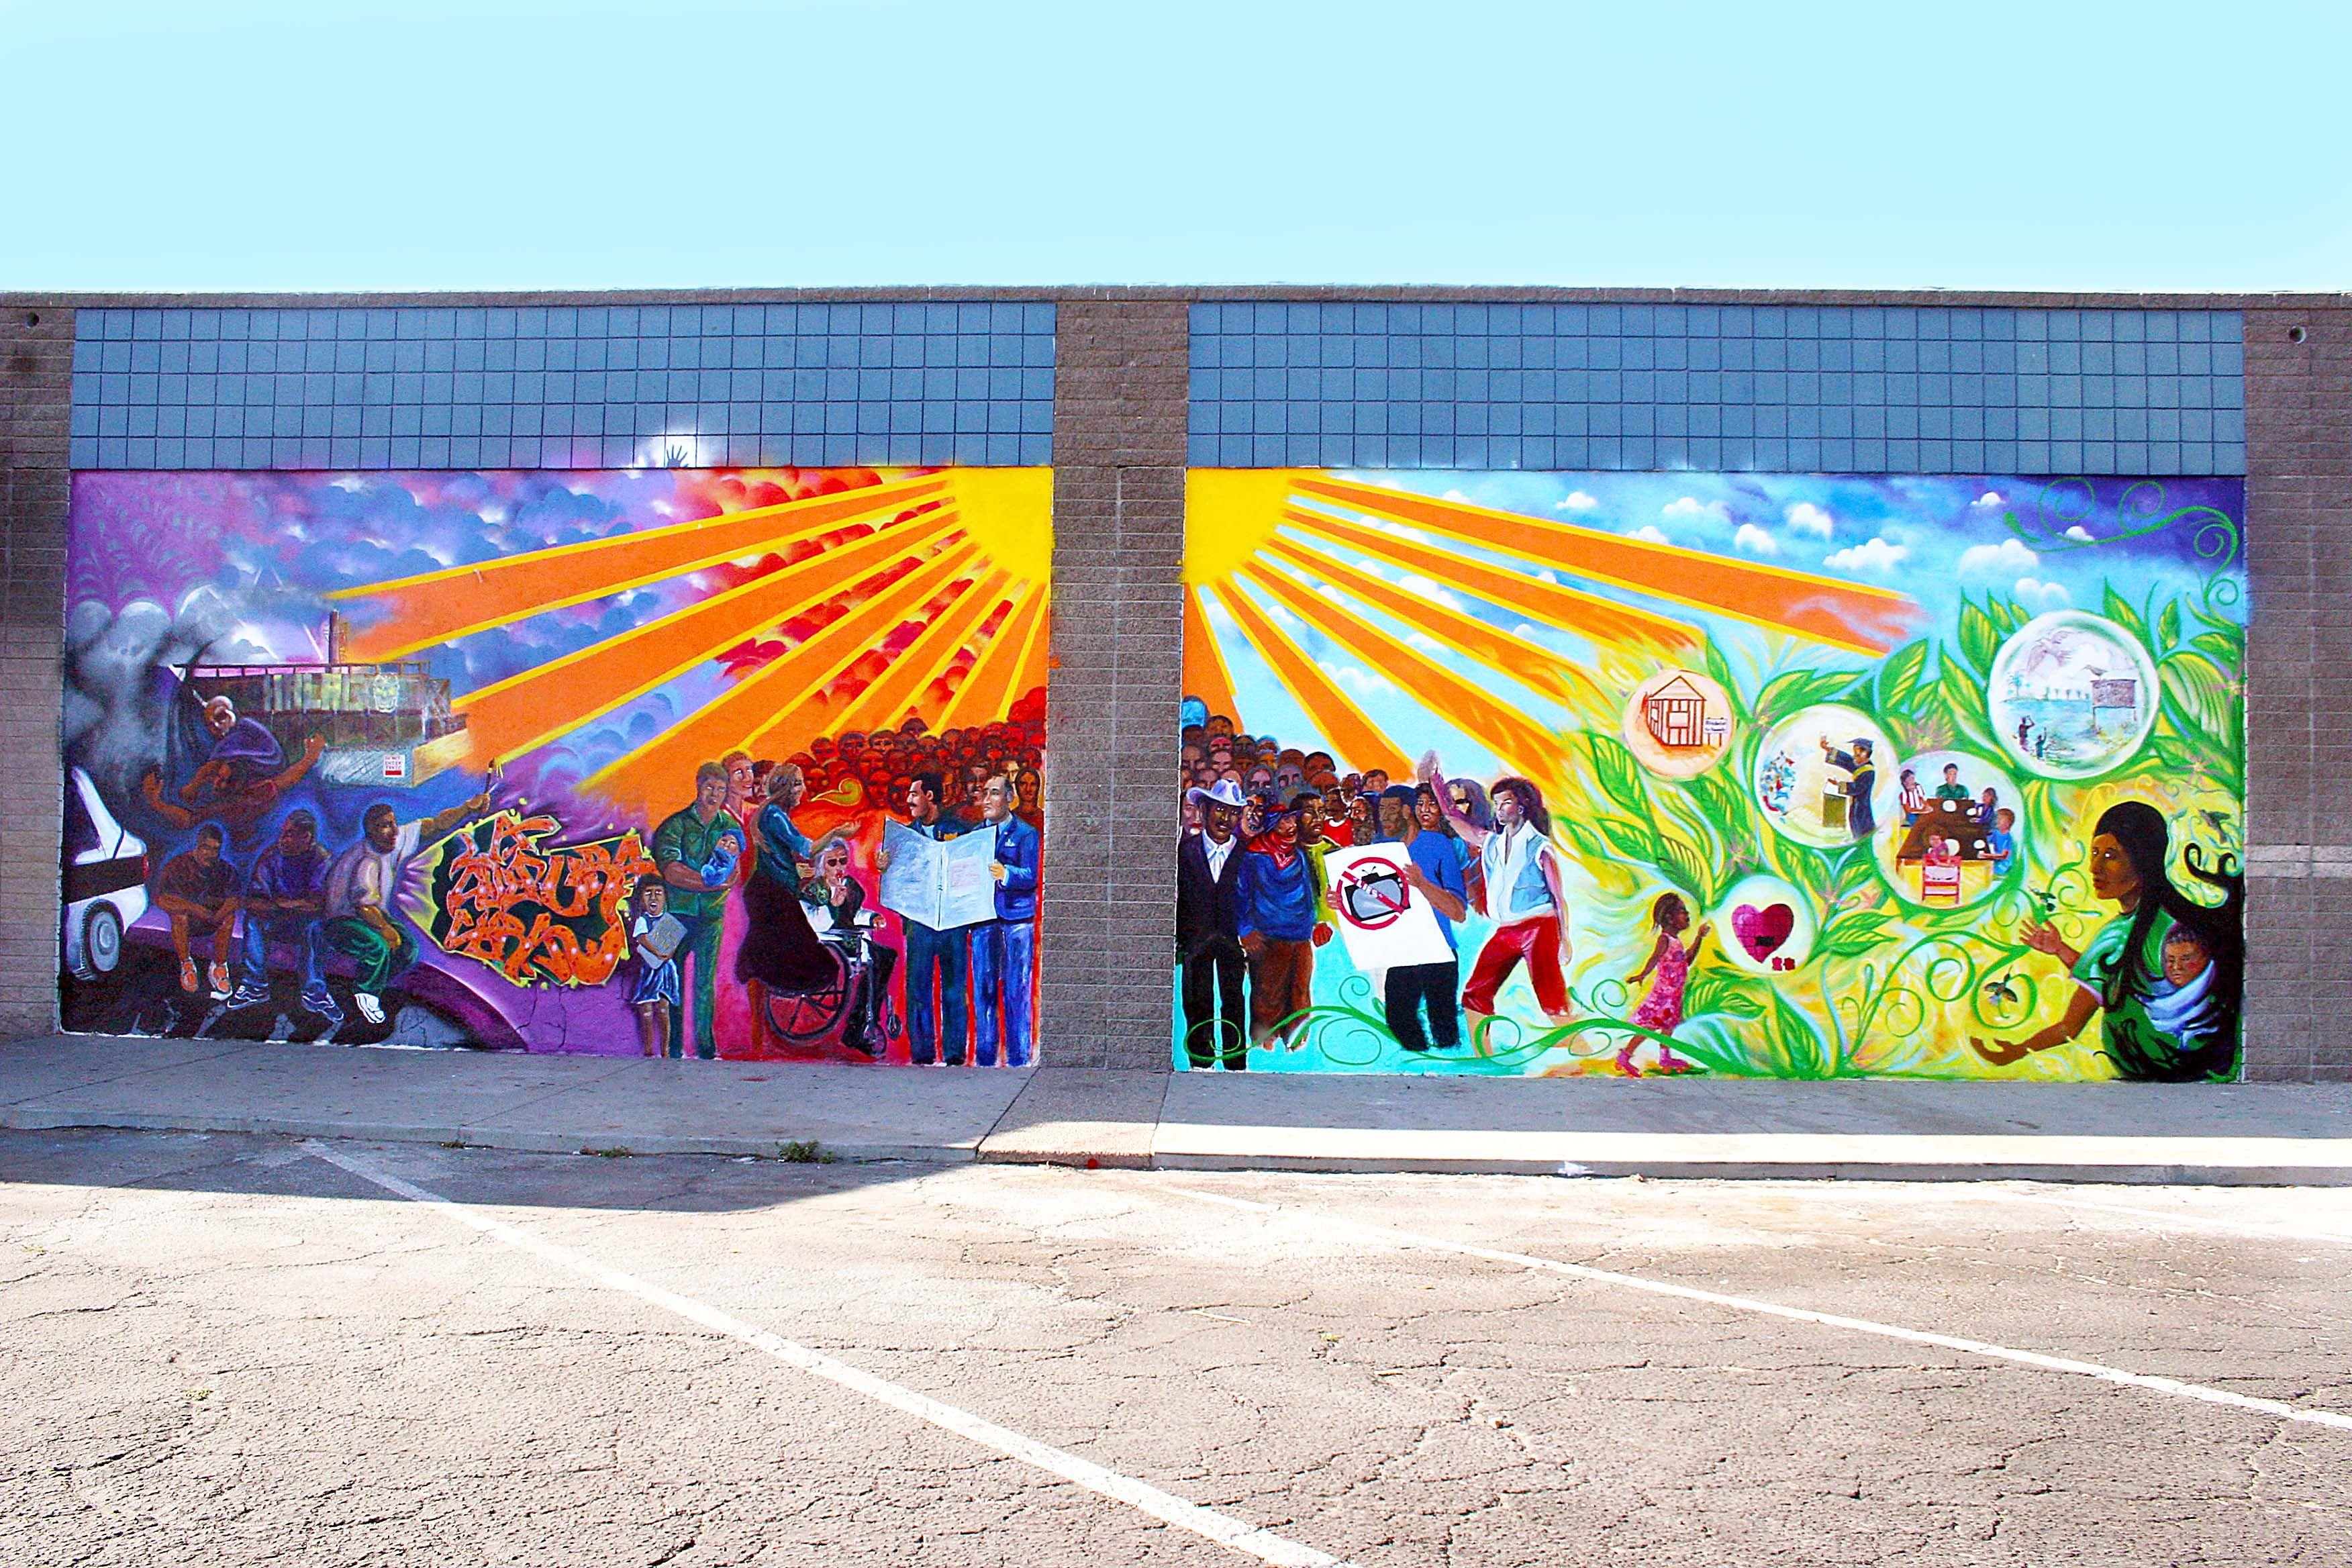 Paint Not Prison Mural In South Oxnard Murals Street Art Mural School Murals